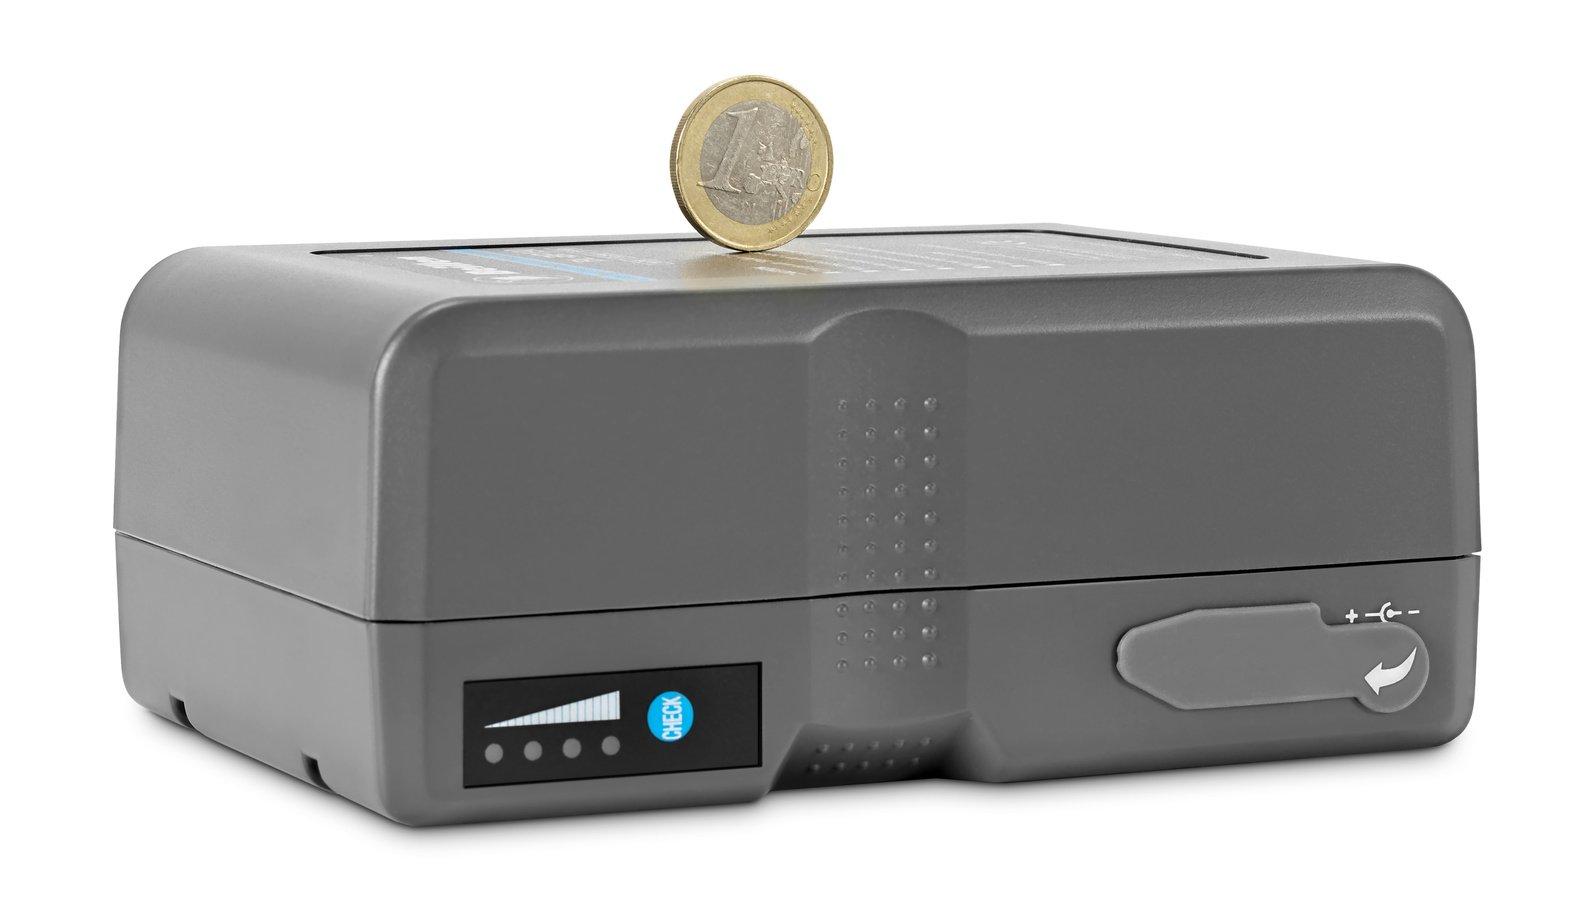 Grössenvergleich 1 EURO Münze und BP190 Akku.